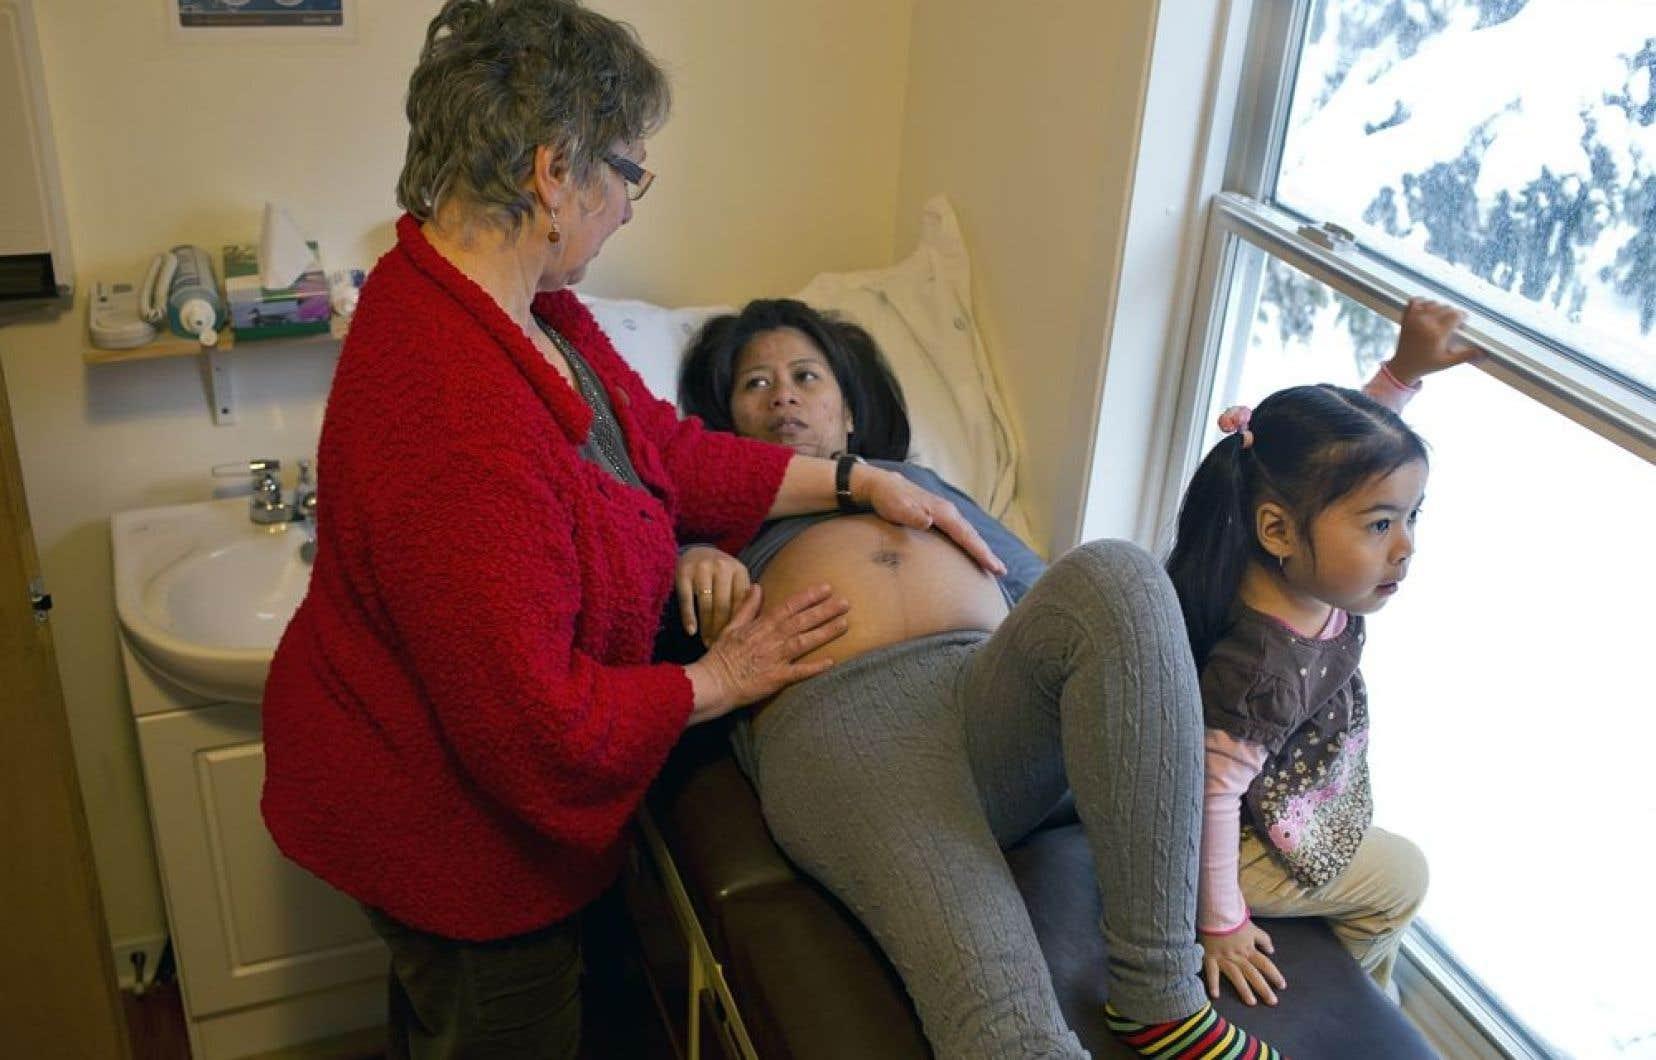 Moins de trois pour cent des femmes au Québec ont recours à des sages-femmes pour leur accouchement, mais selon un sondage CROP réalisé en 2010 pour le compte de la CSN, 26 % des femmes souhaiteraient donner naissance à l'extérieur d'un hôpital.